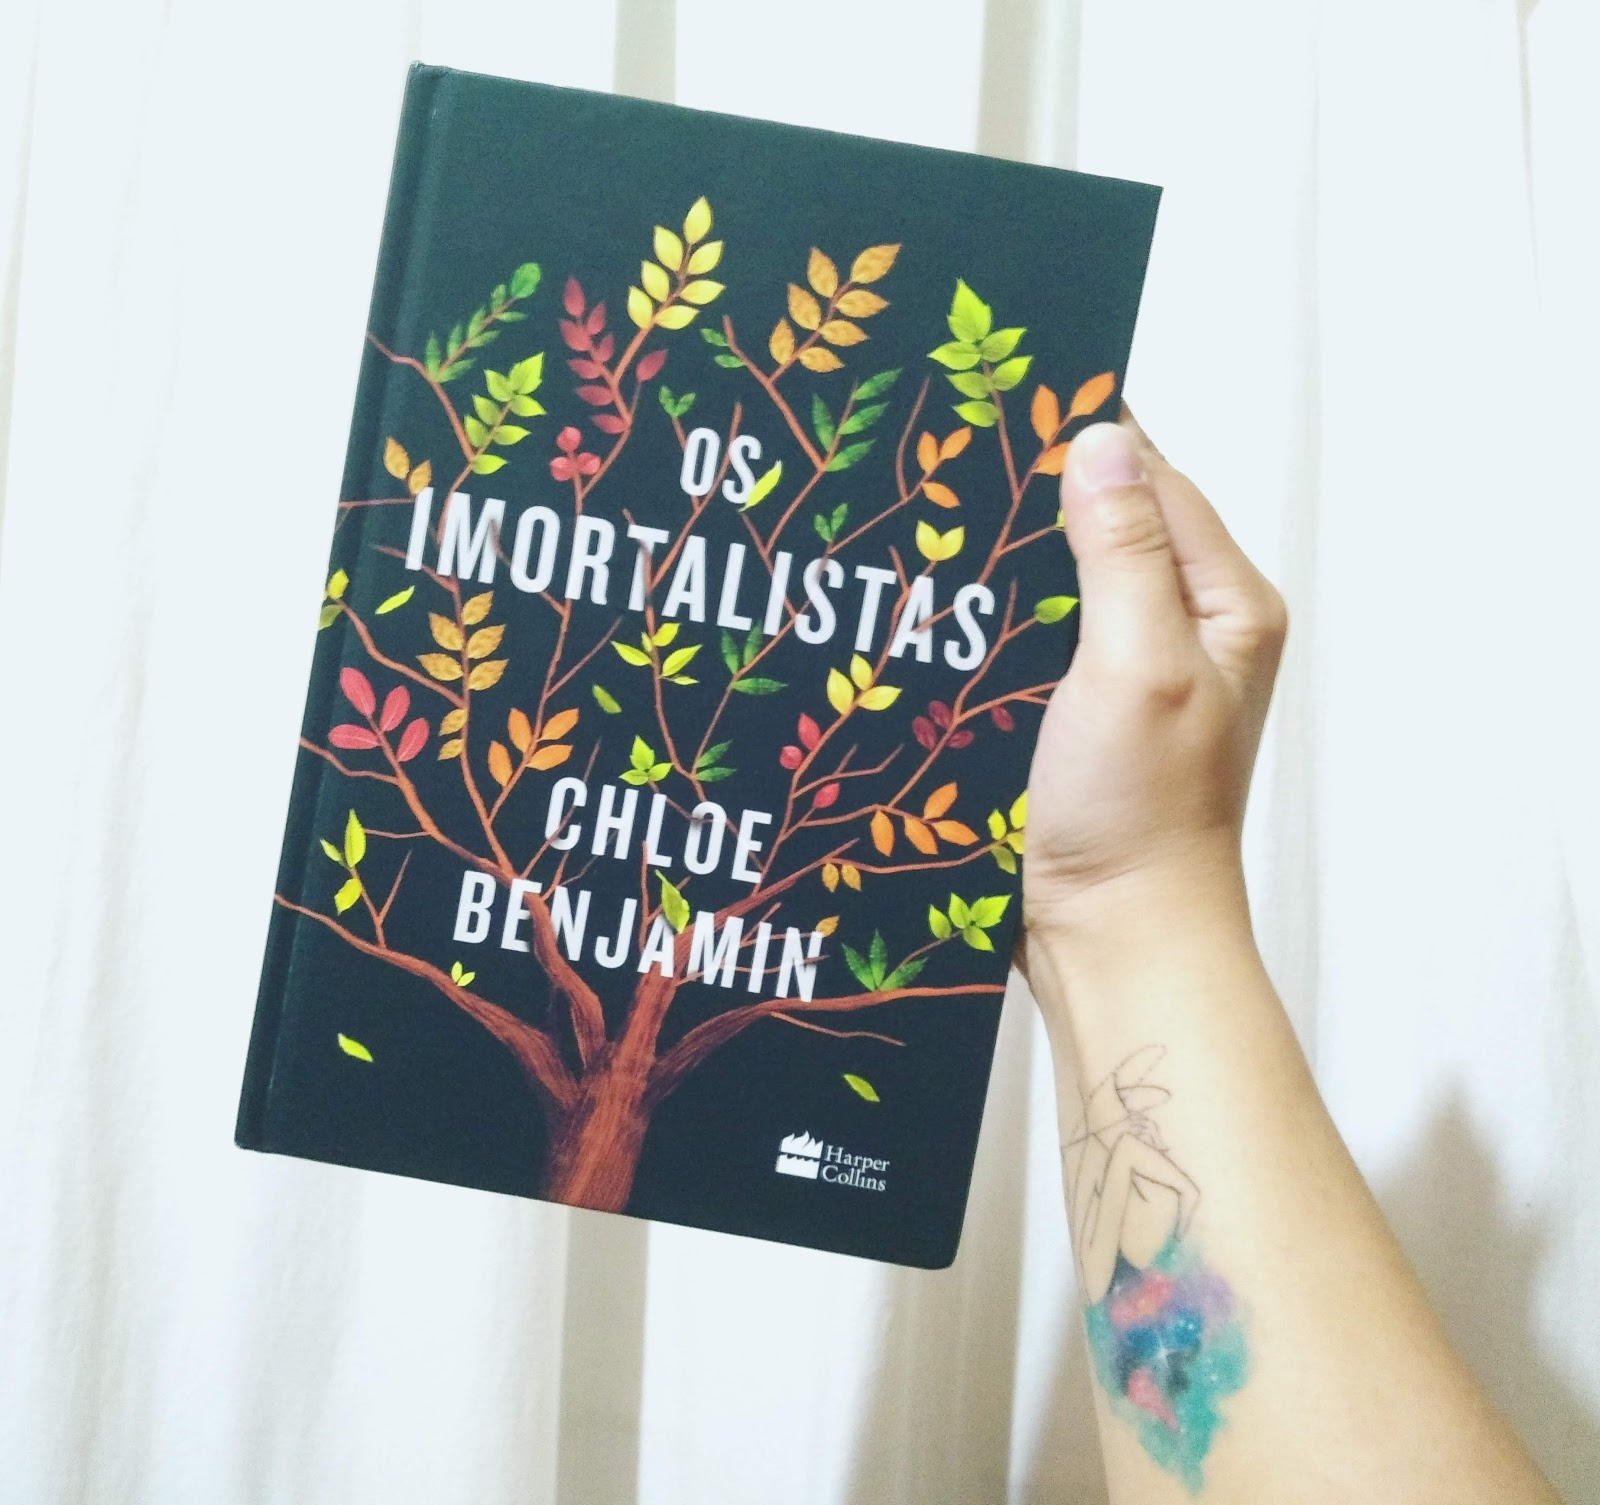 Resenha do livro Os Imortalistas da editora Harper Collins